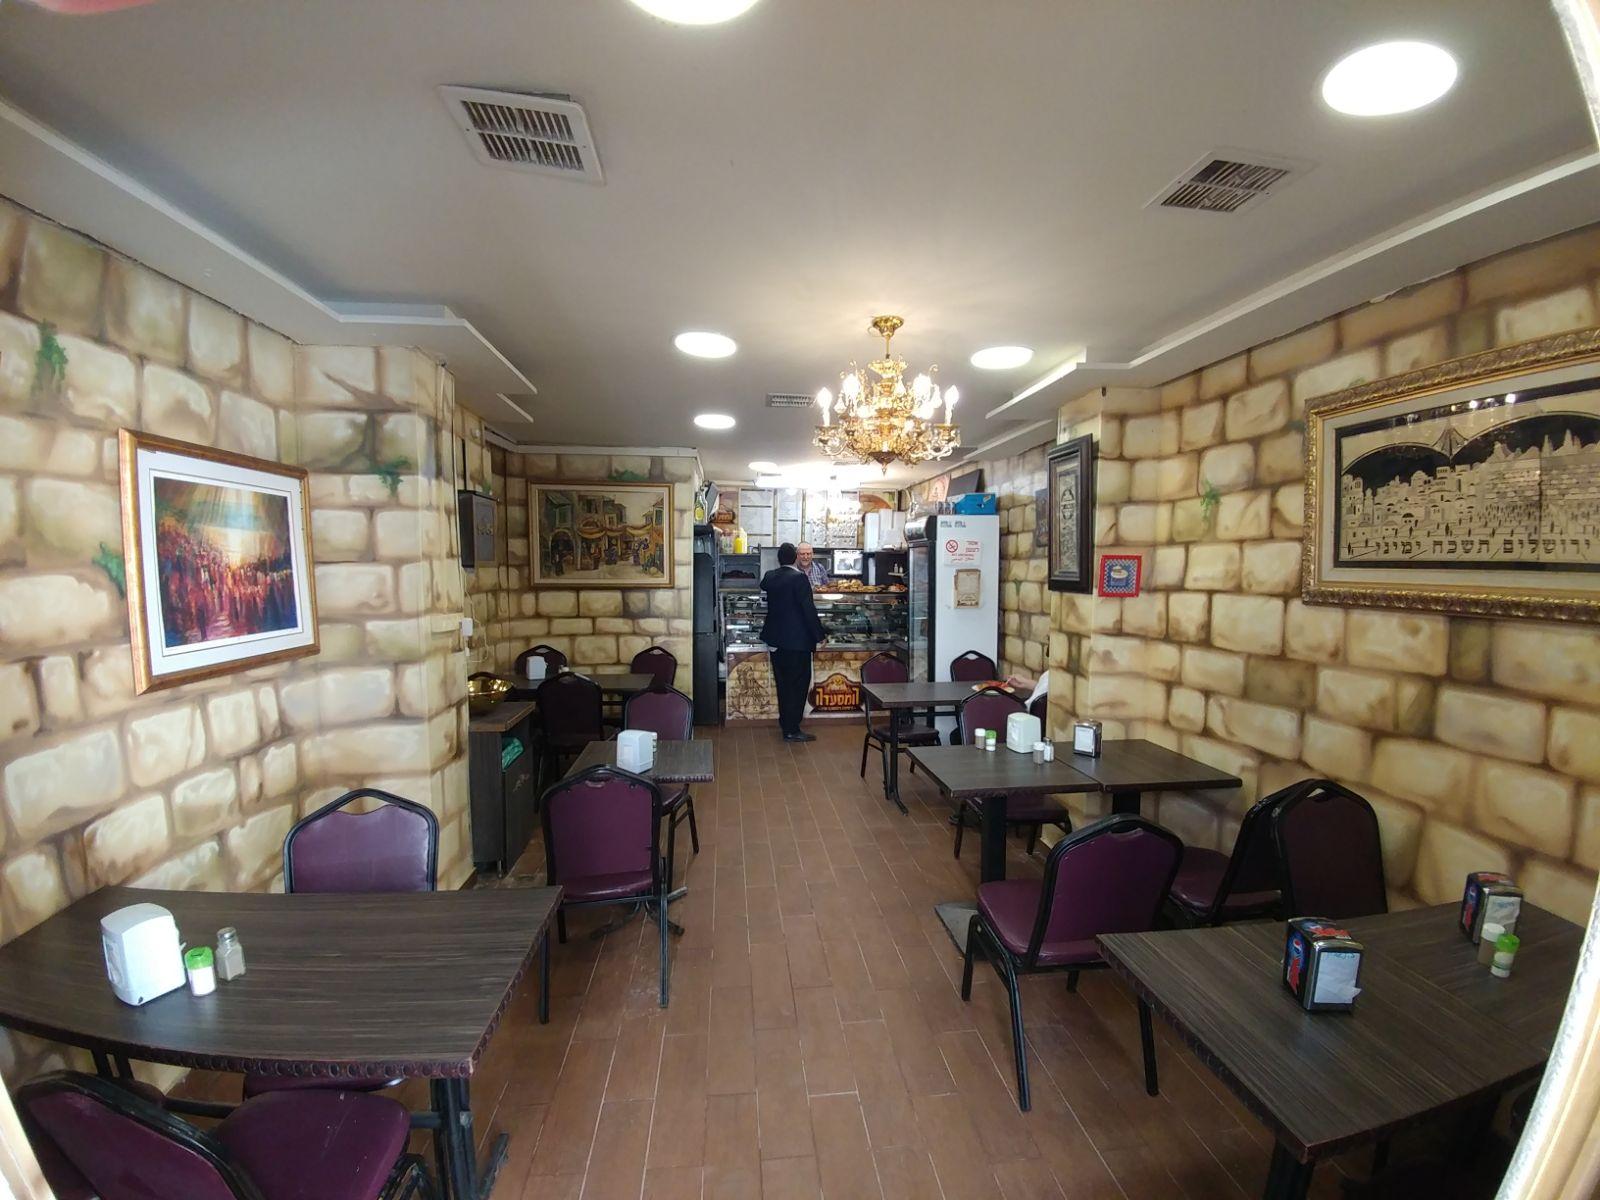 המסעדות ייסגרו מוקדם: פקחים ממיר יפקחו על הסגירה